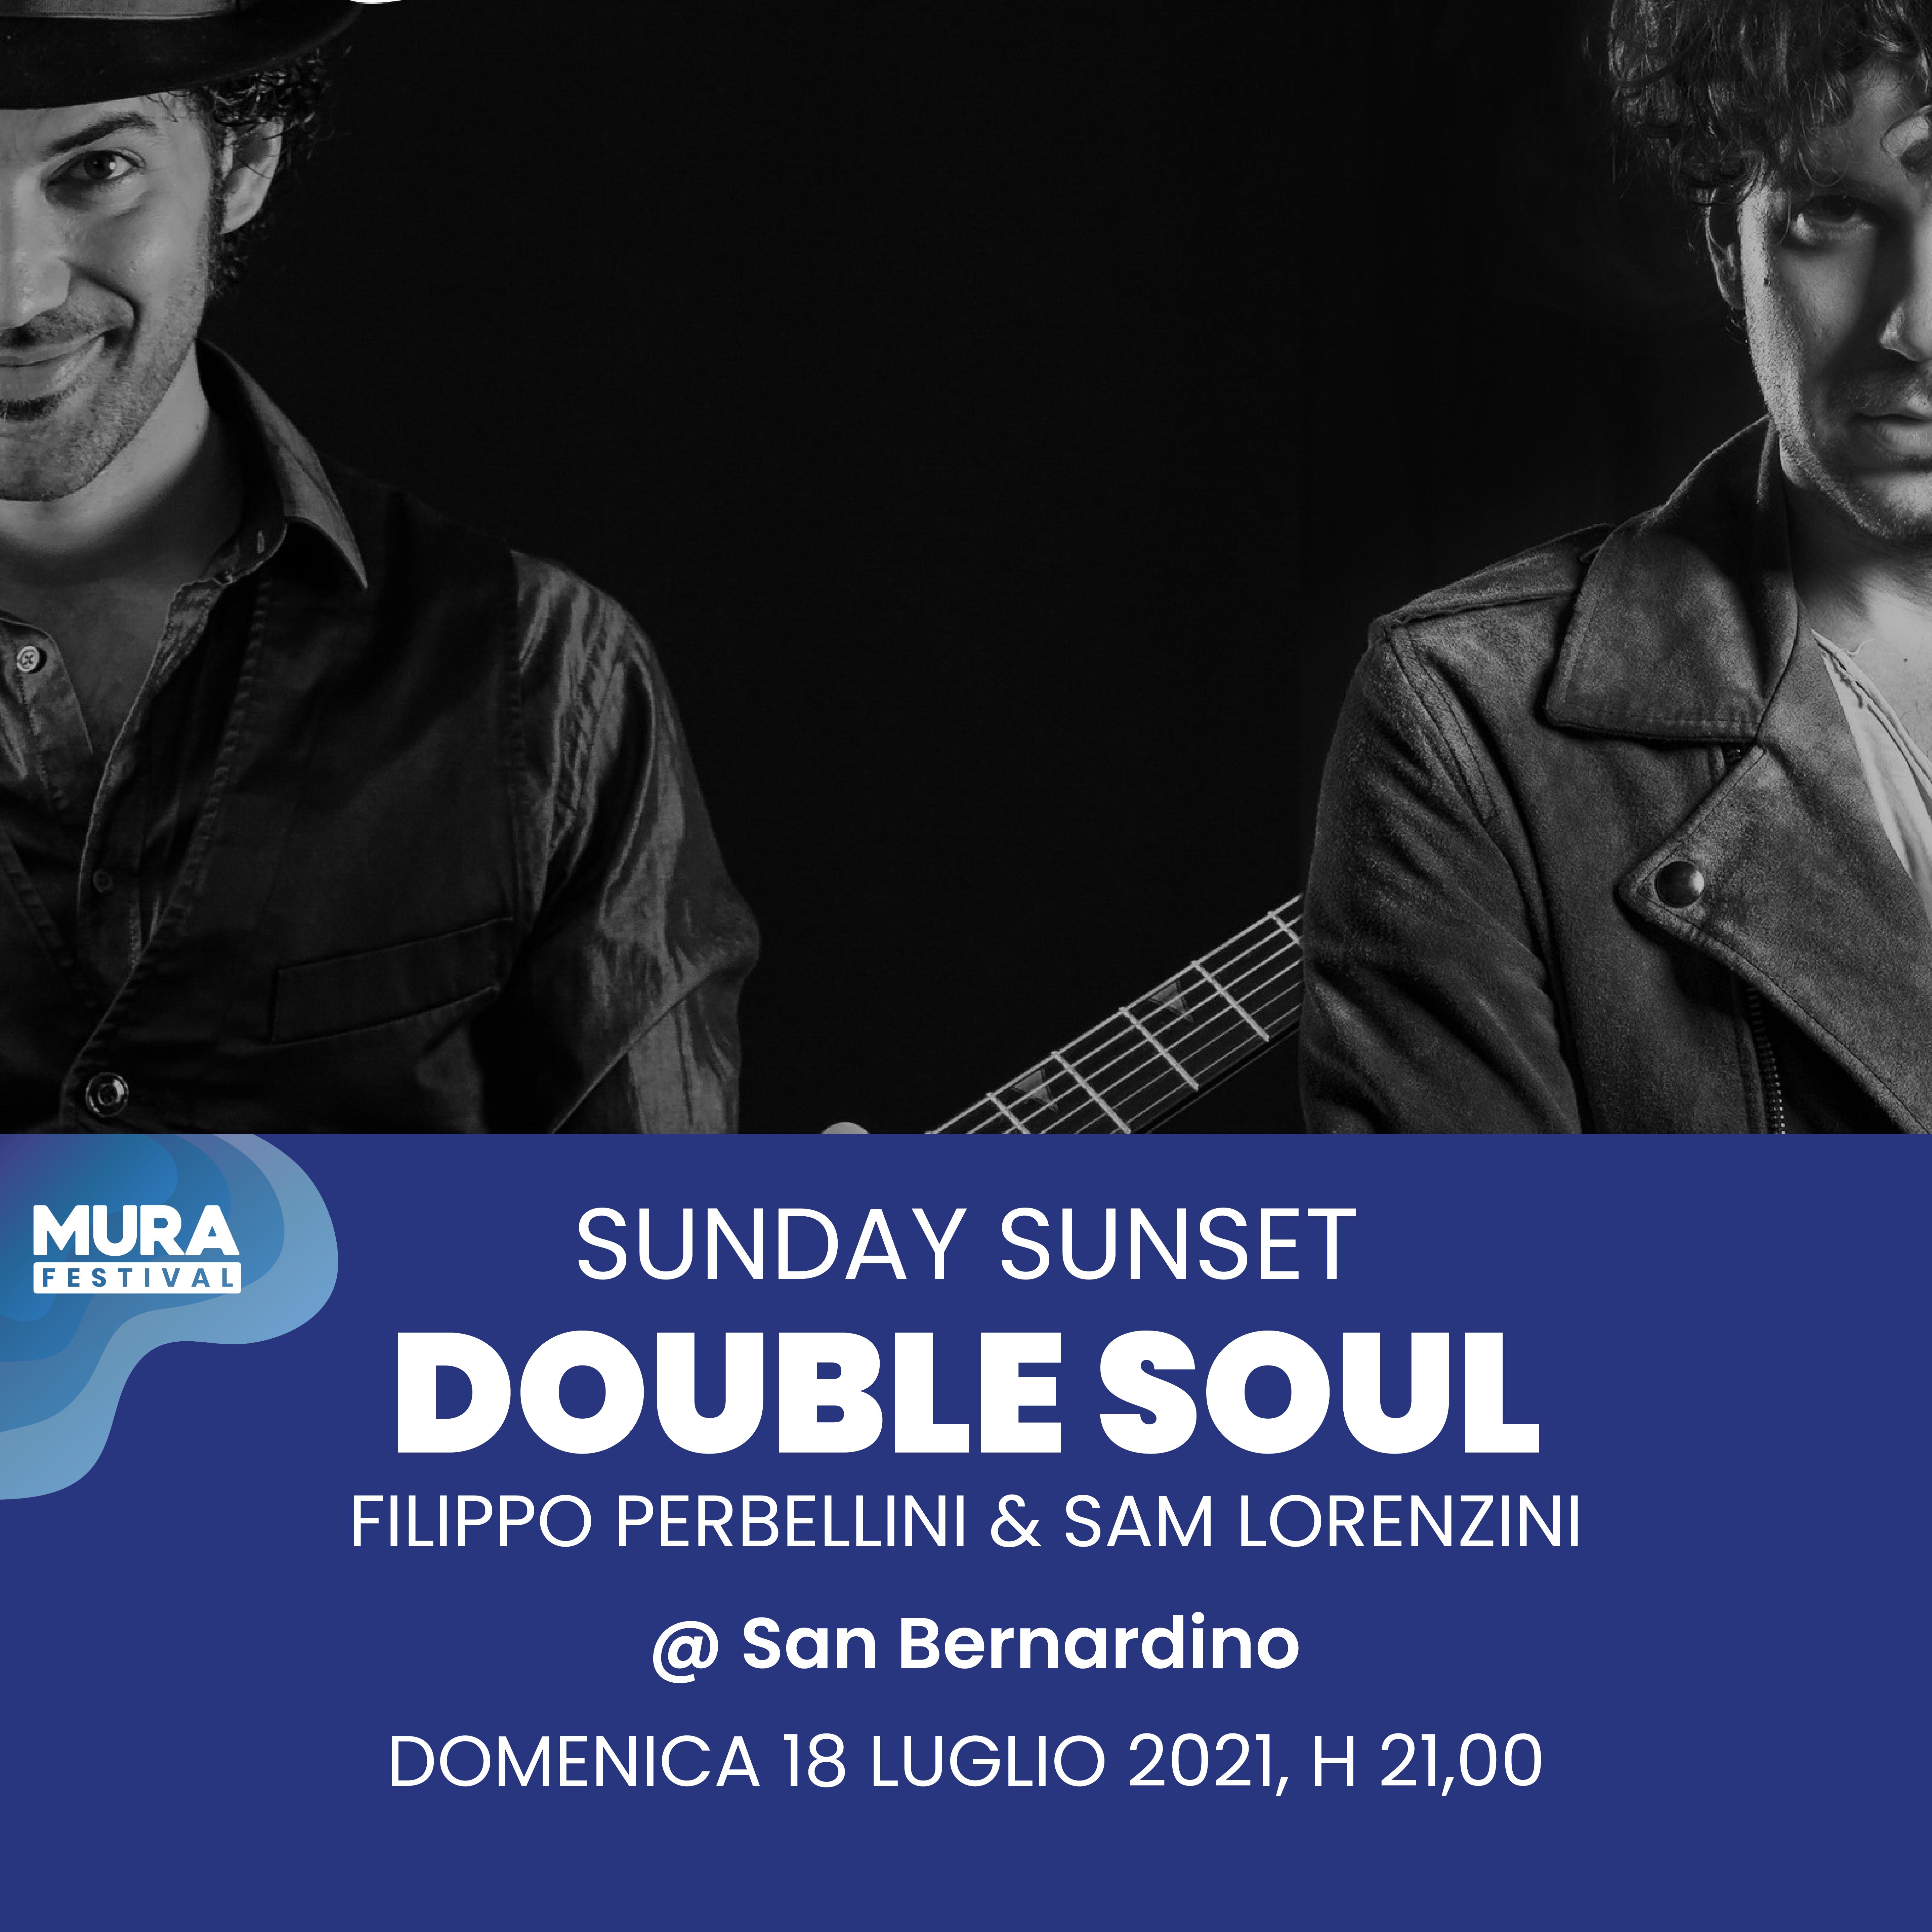 Sunset Sunday - Double soul